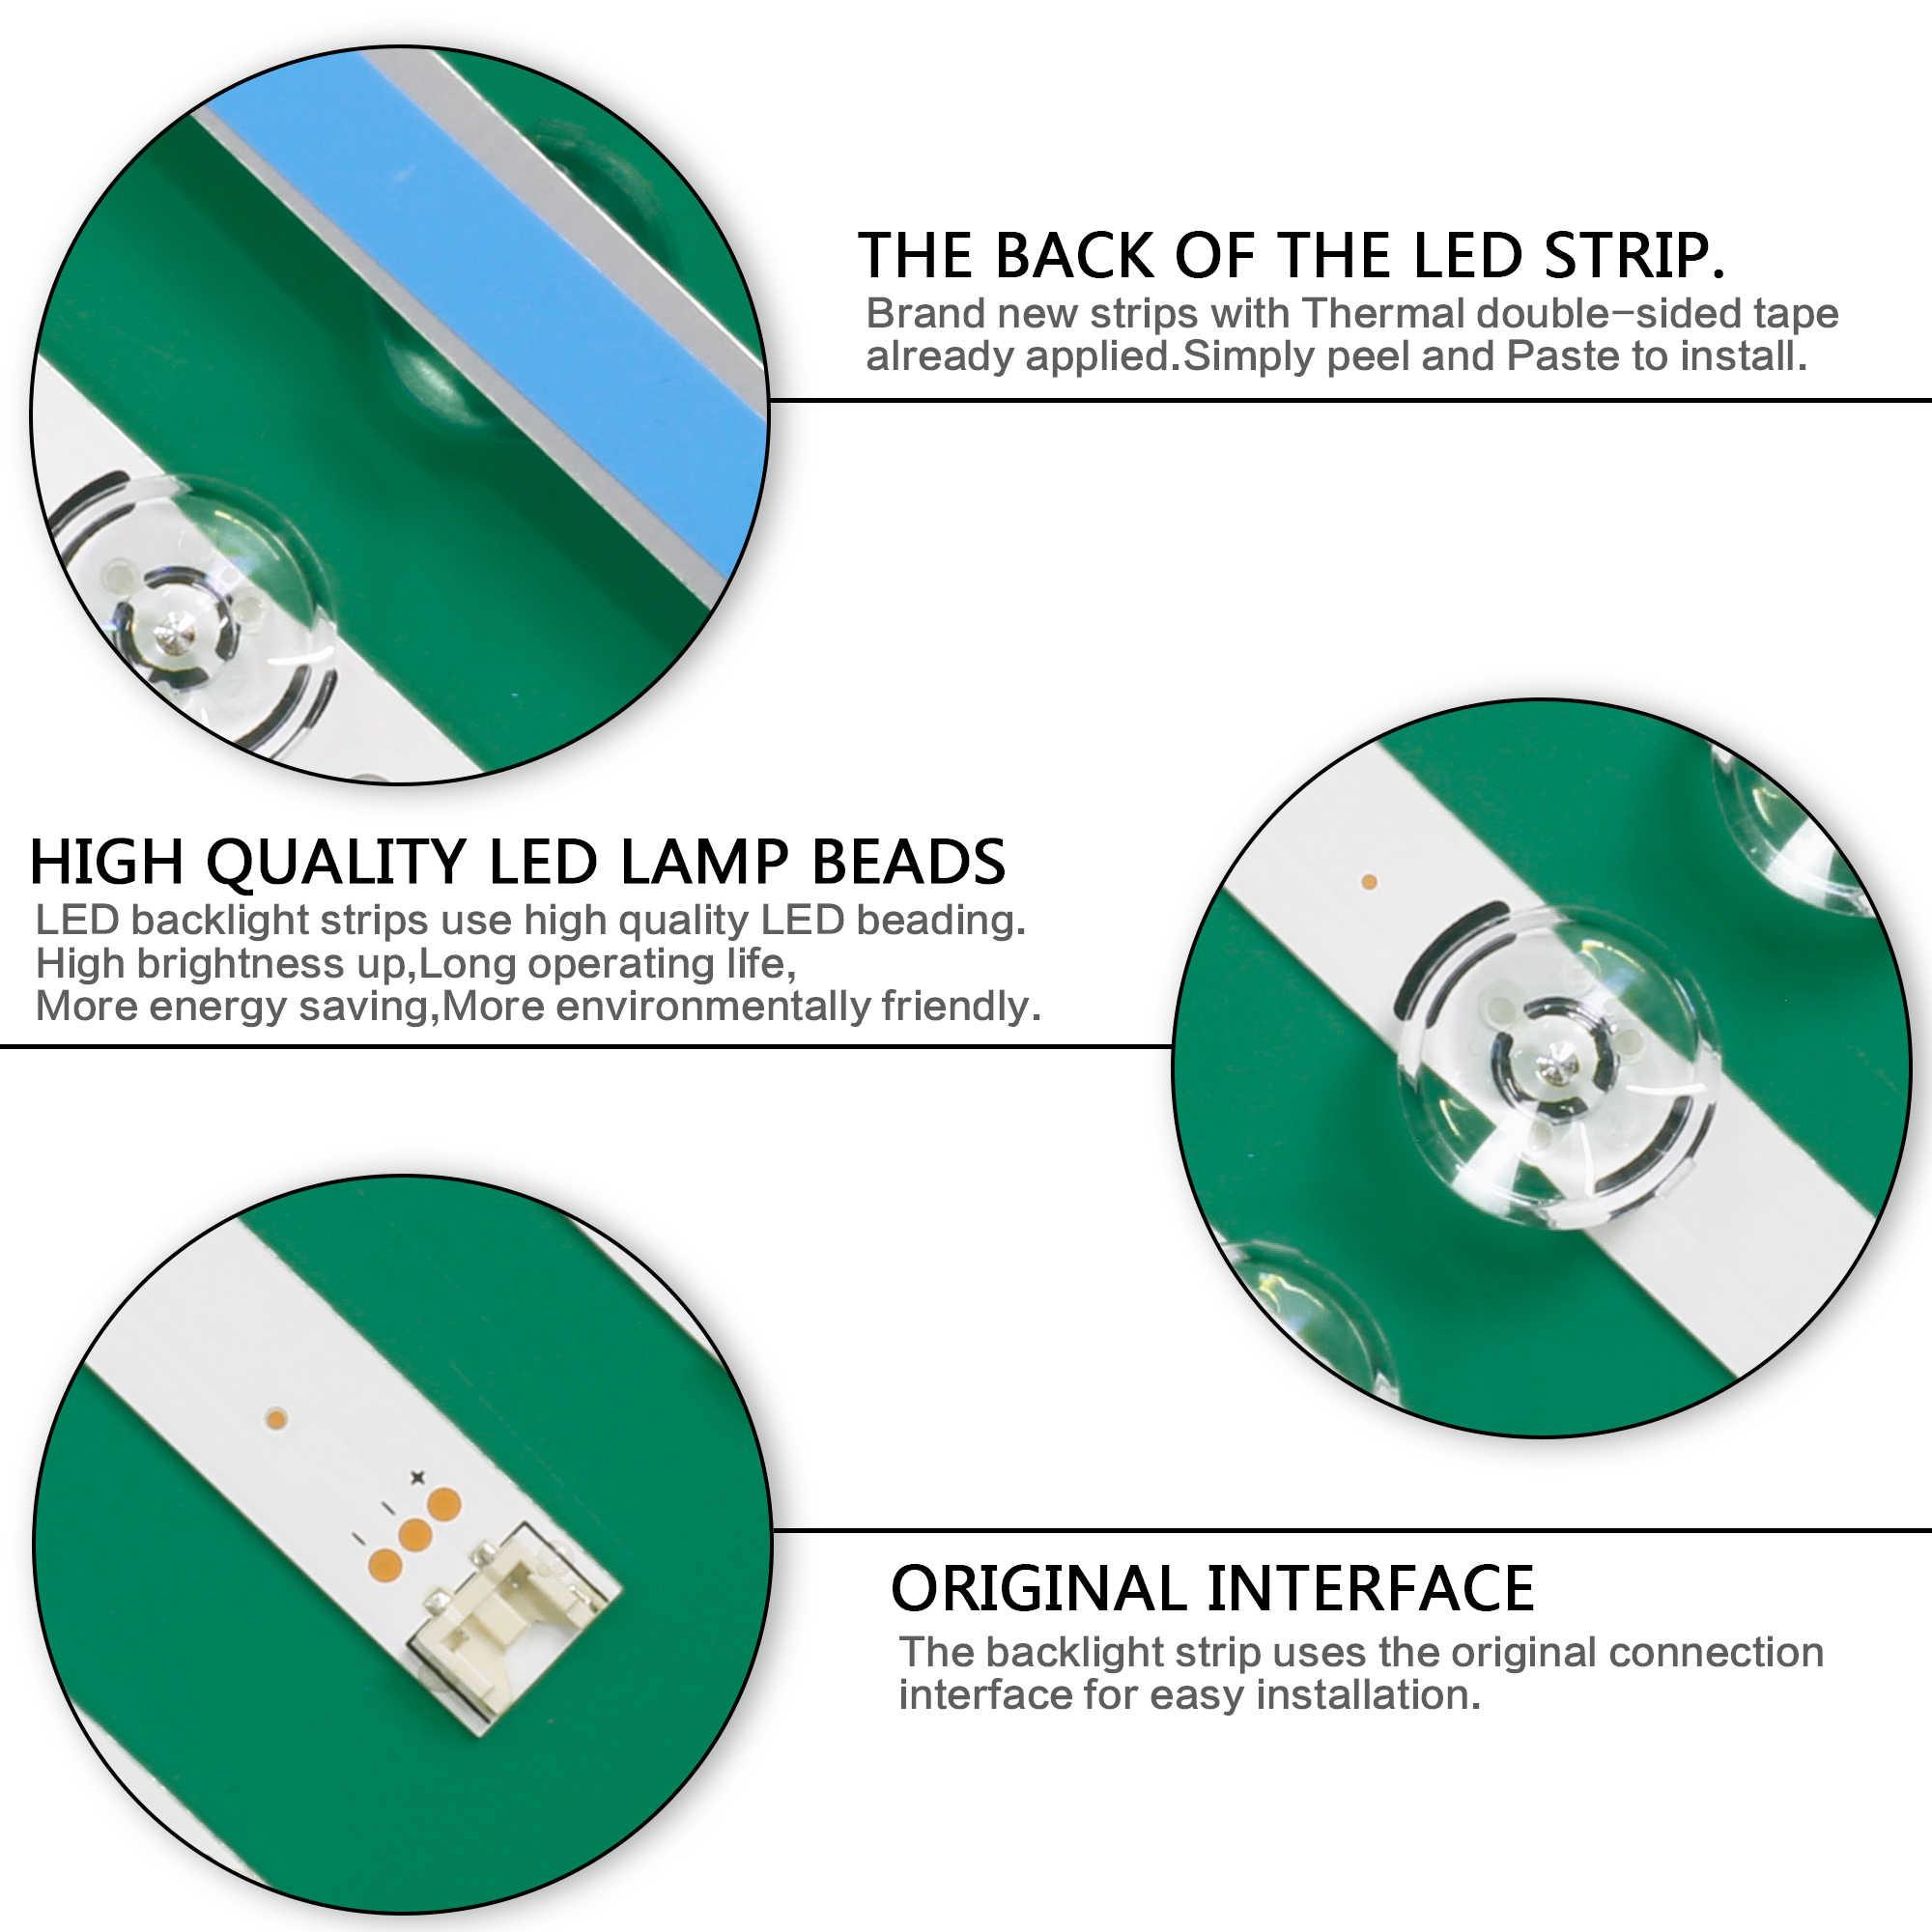 59 سنتيمتر LED الخلفية ل LG 32 بوصة التلفزيون inنوت k DRT 3.0 WOOREE A/B UOT نوع rev0.2